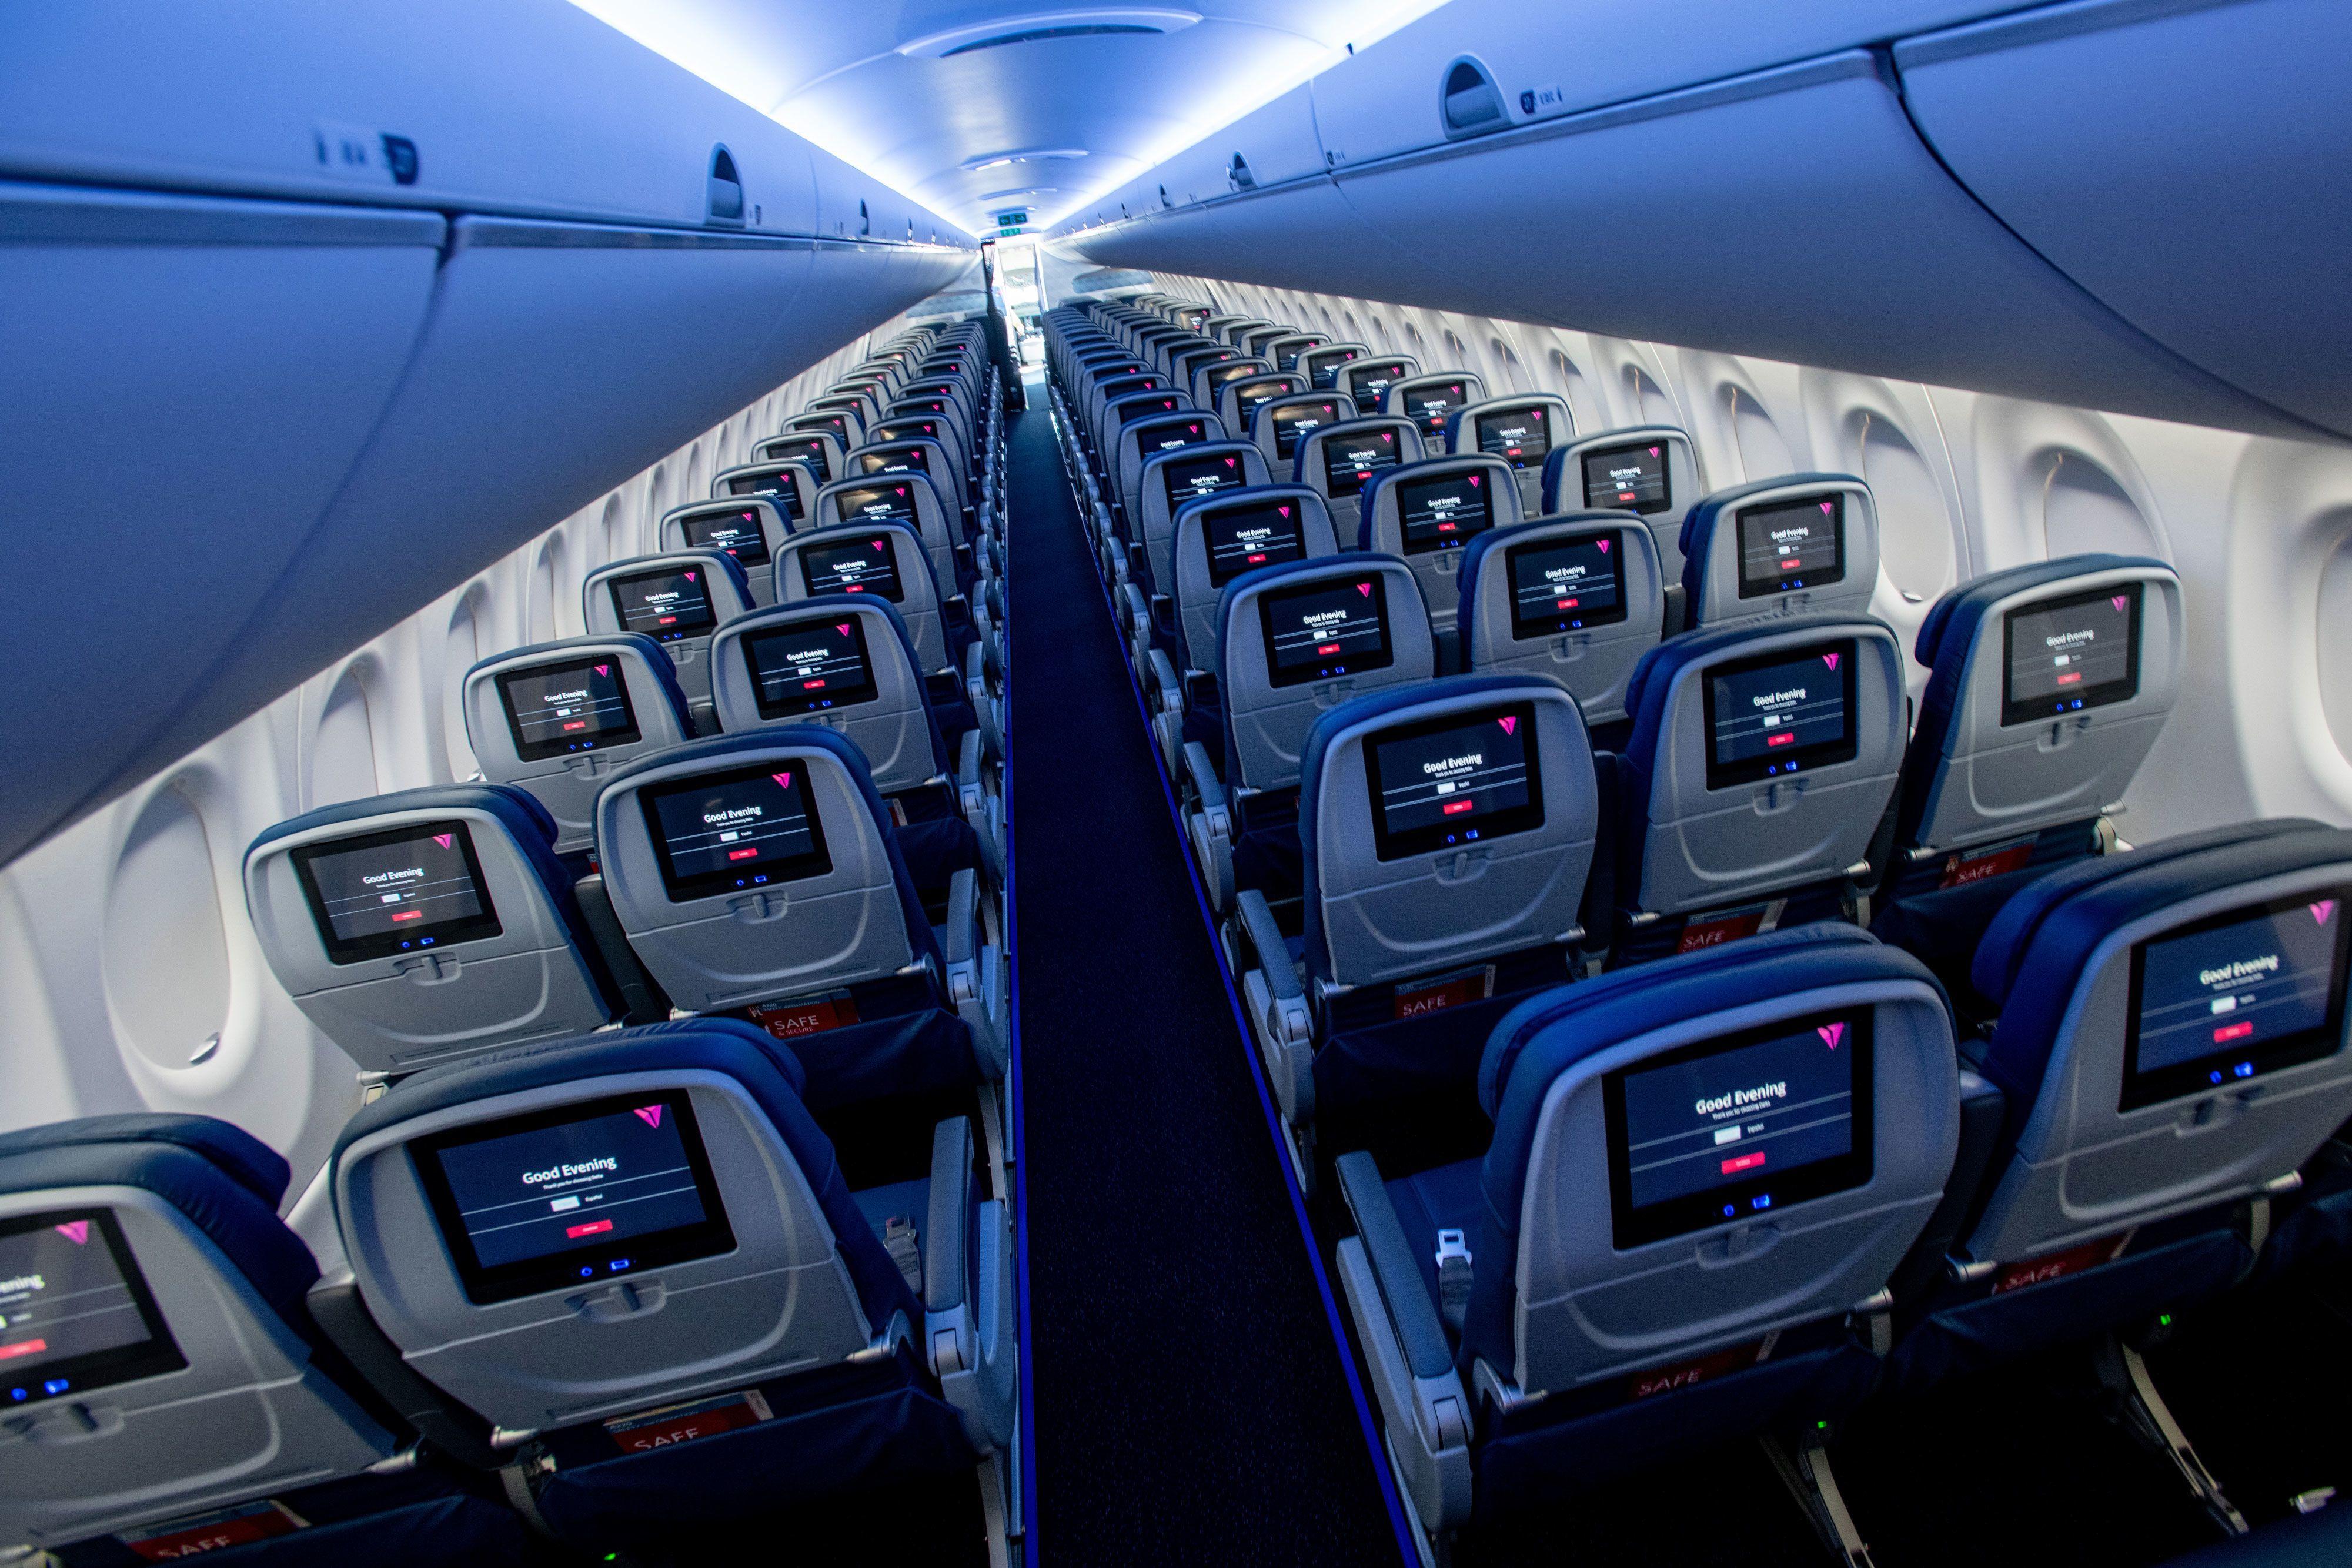 Government shutdown postpones debut of Delta's brand-new A220 jets, av...